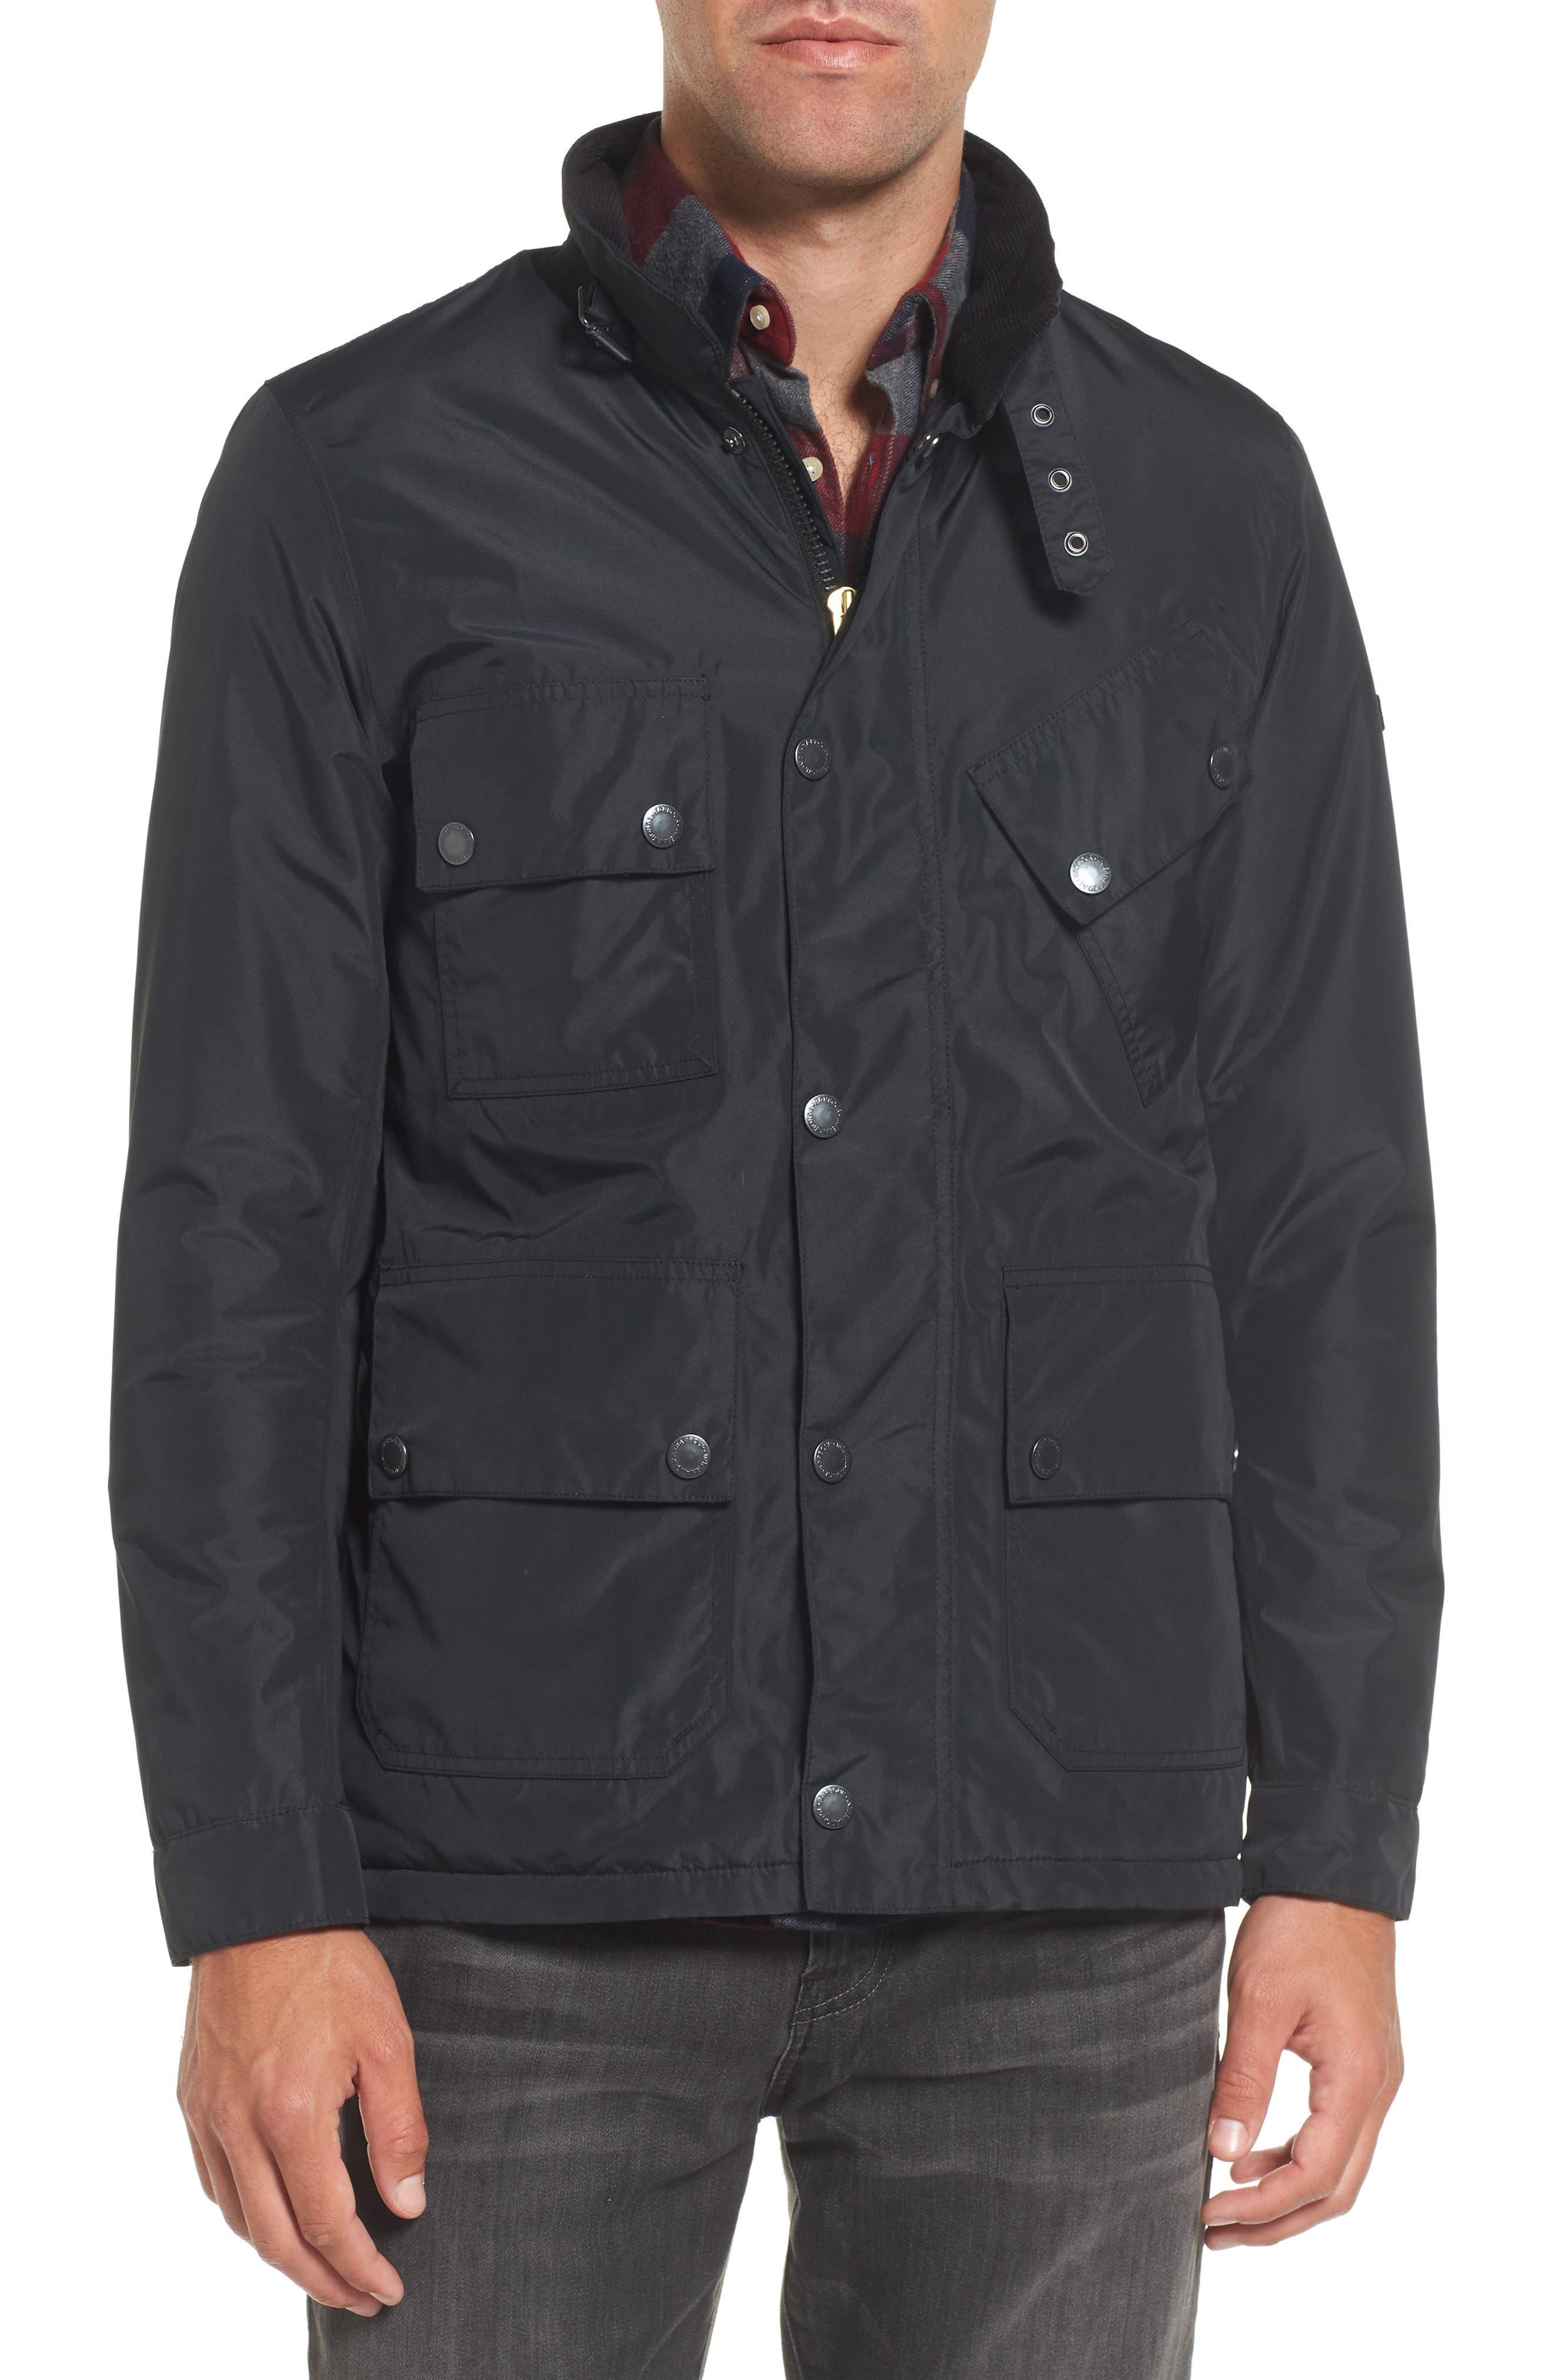 B.Intl Tyne Waterproof Jacket,                             Alternate thumbnail 4, color,                             Black